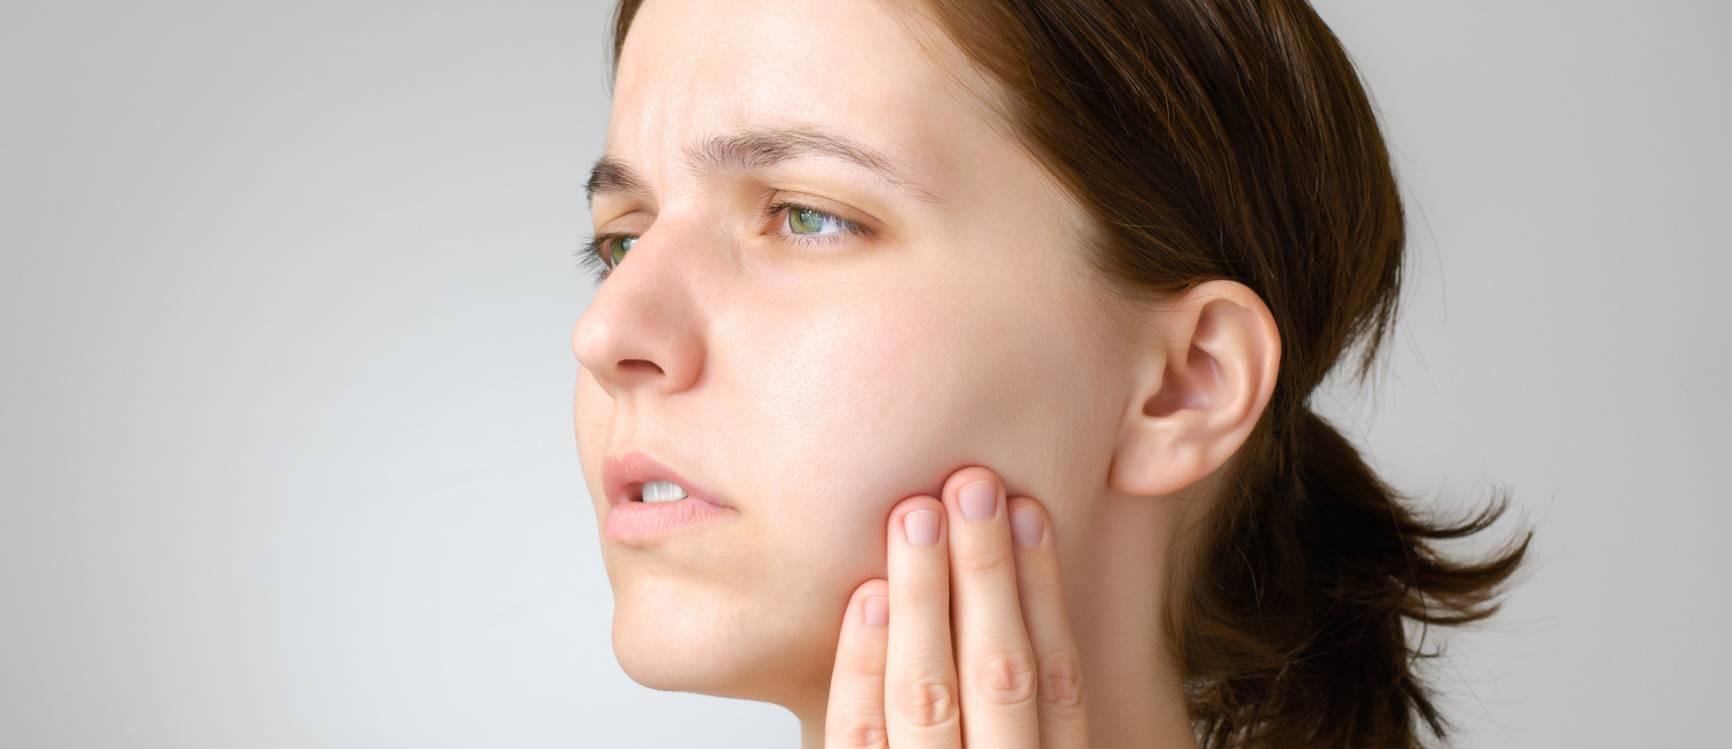 Периостит нижней челюсти — исцеление, симптомы, код по мкб-10